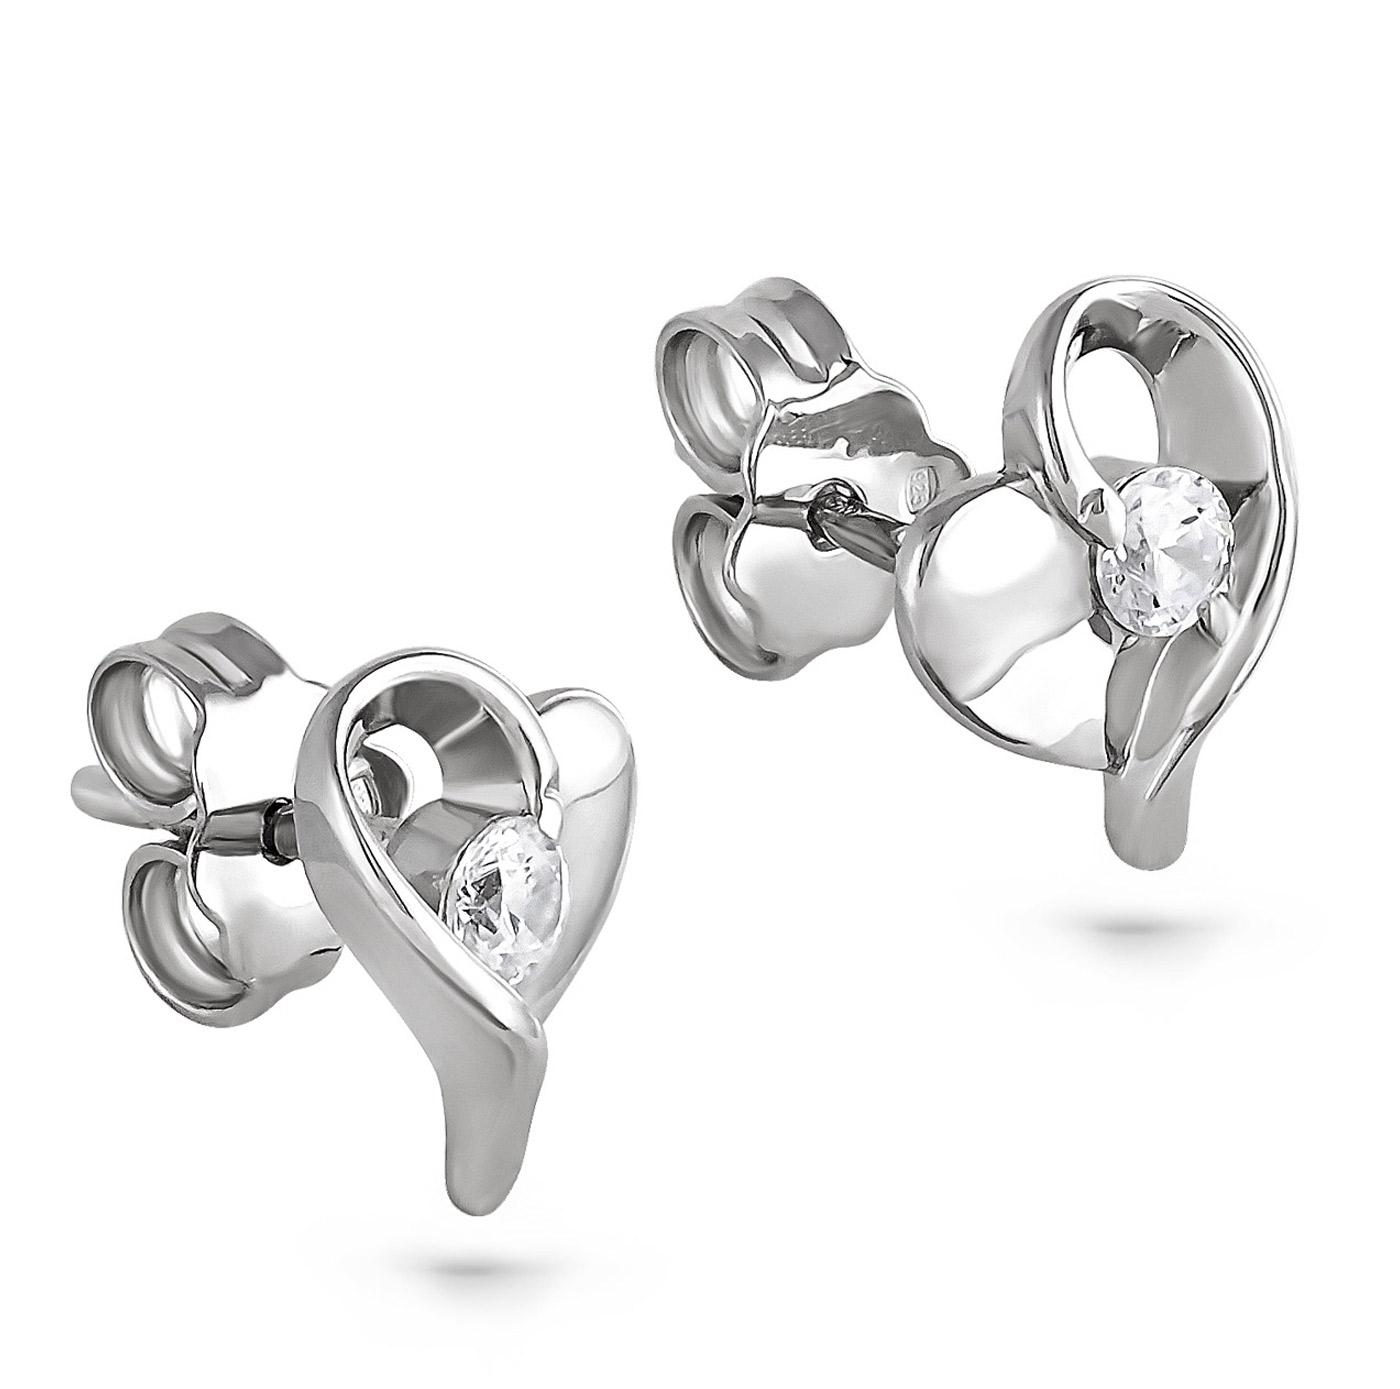 Серьги пусеты из серебра с кристаллом сваровски арт. 2-015 2-015